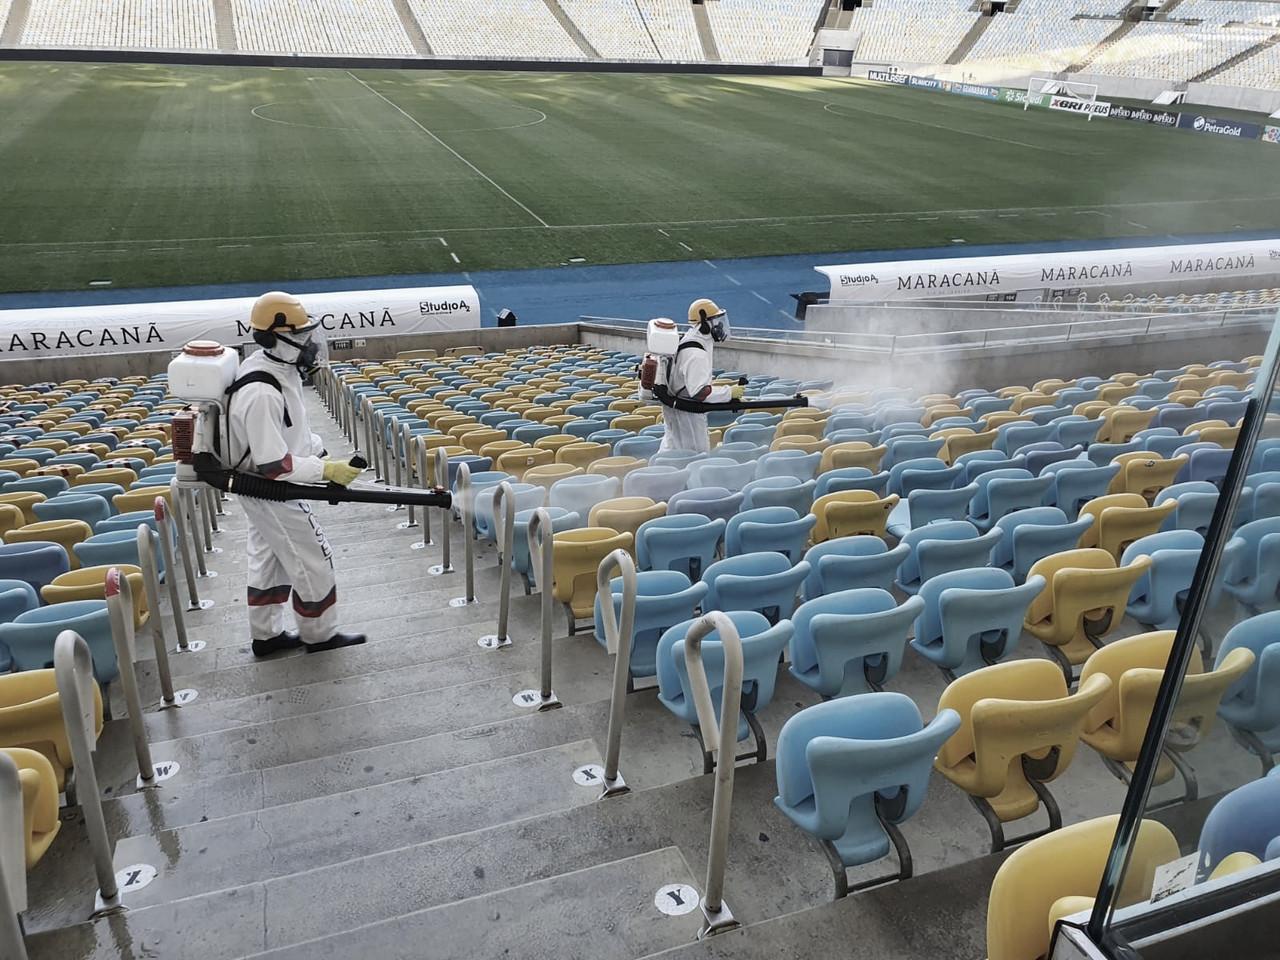 Jogos interessantes nas semifinais da Taça Rio em meio à pandemia